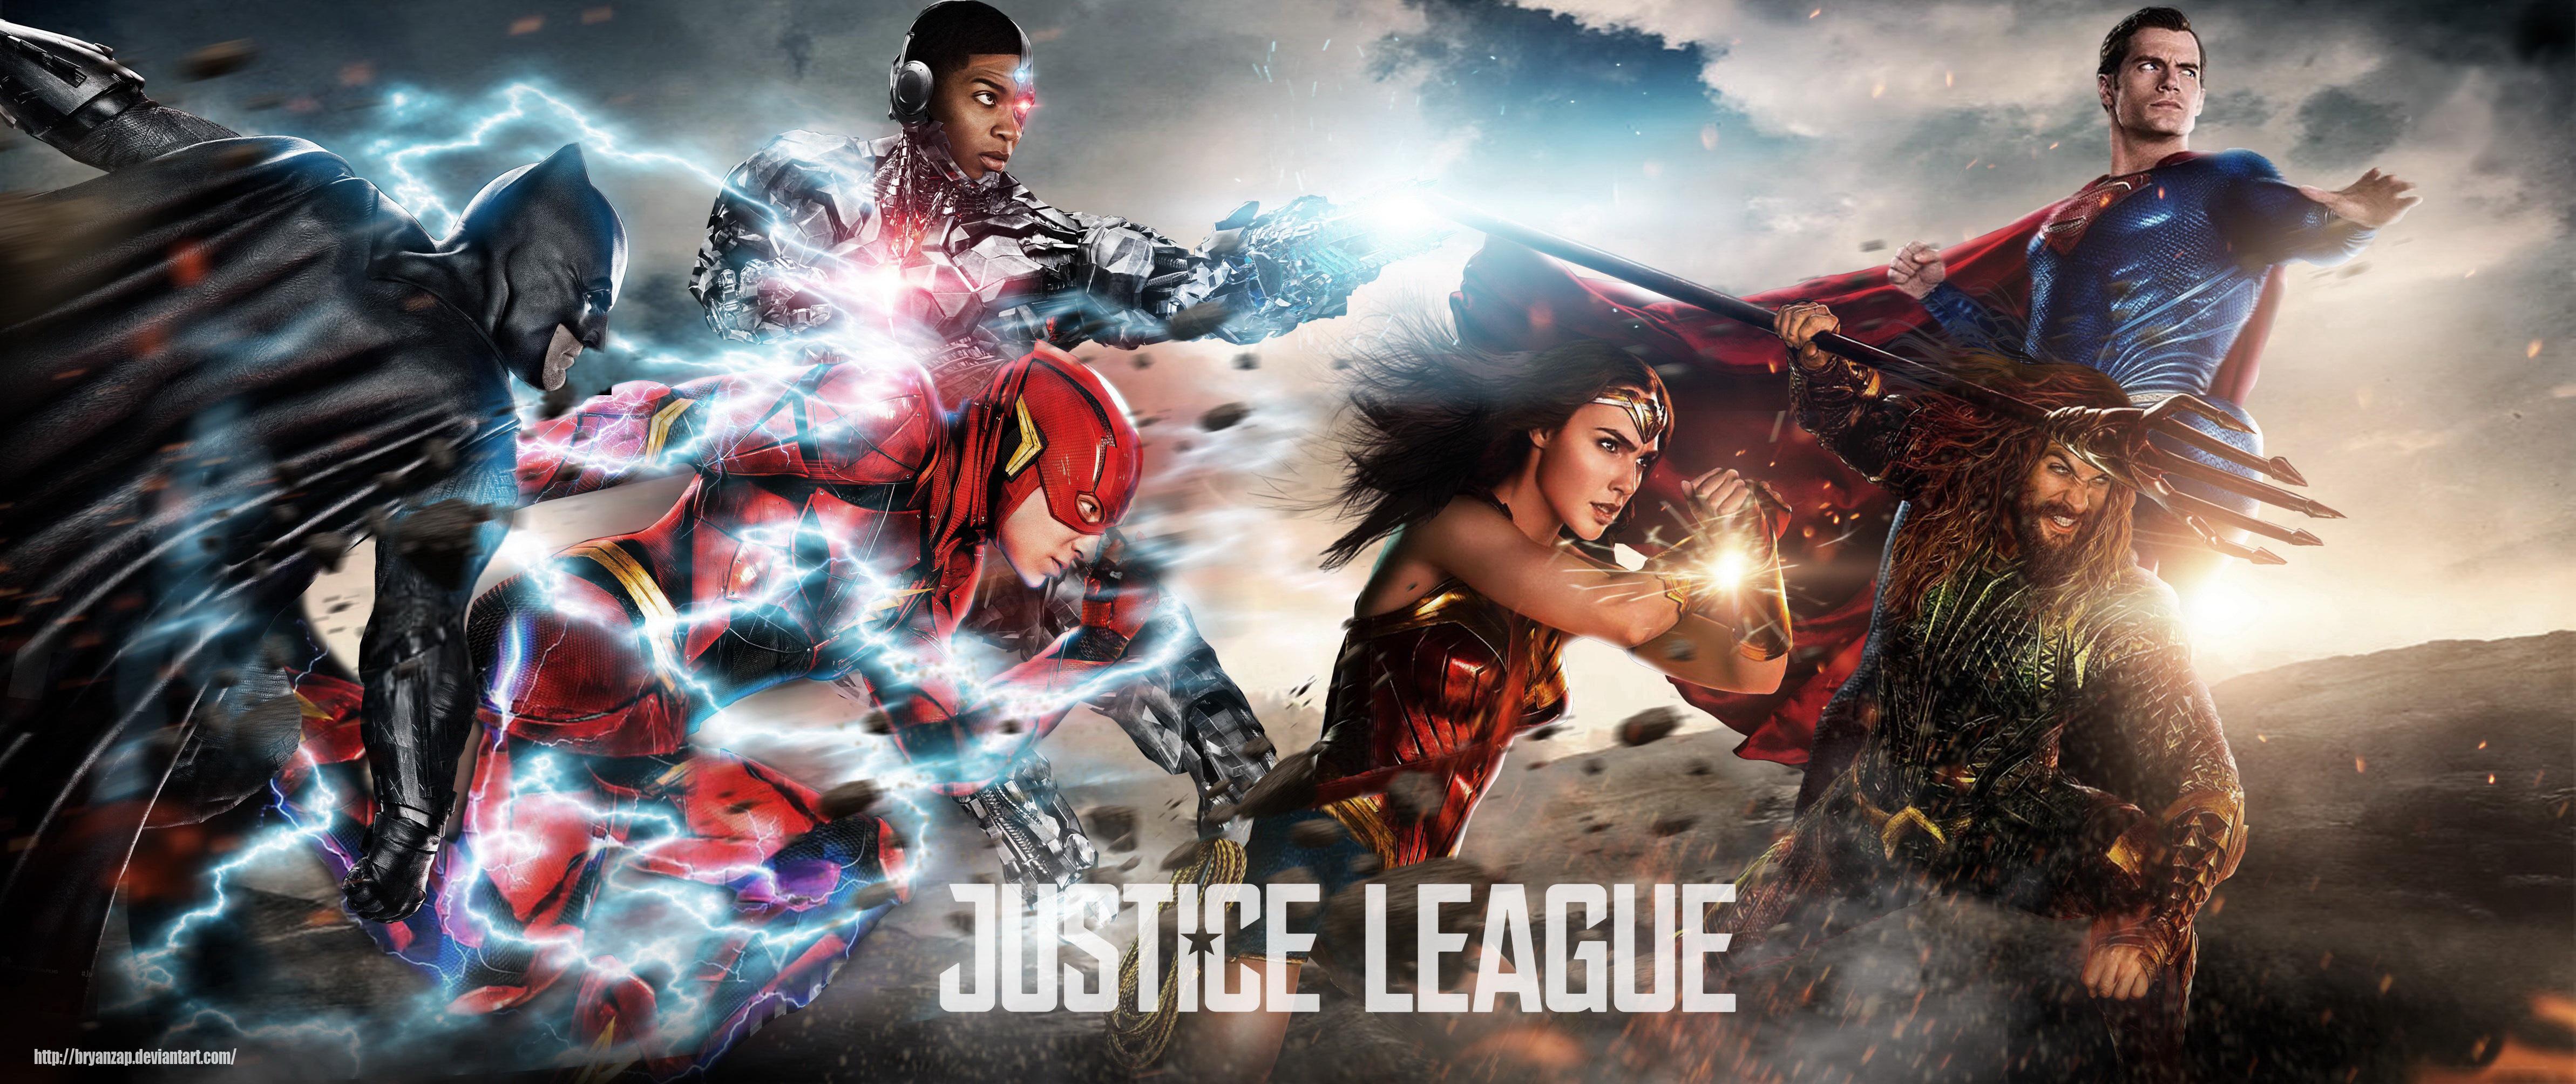 Wonder Woman Justice League 4k Fan Art Hd Movies 4k: Justice League 2017 Fan Art, HD Movies, 4k Wallpapers